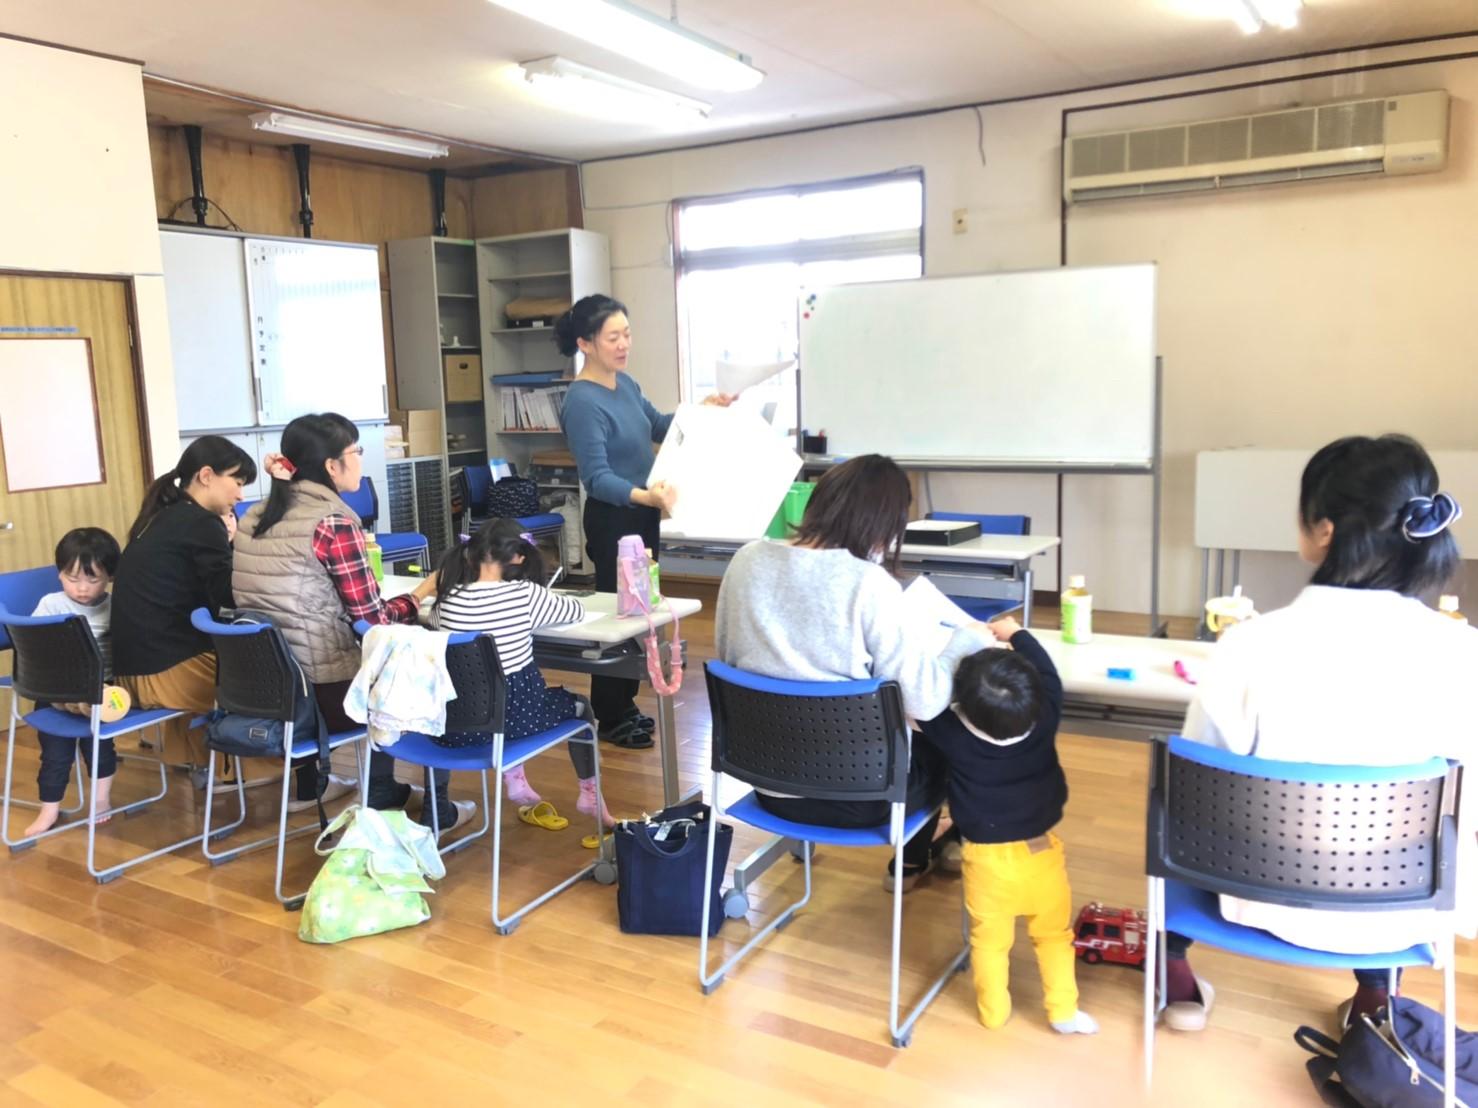 写真は2019/04/14開催、こどものための収納講座のものです。